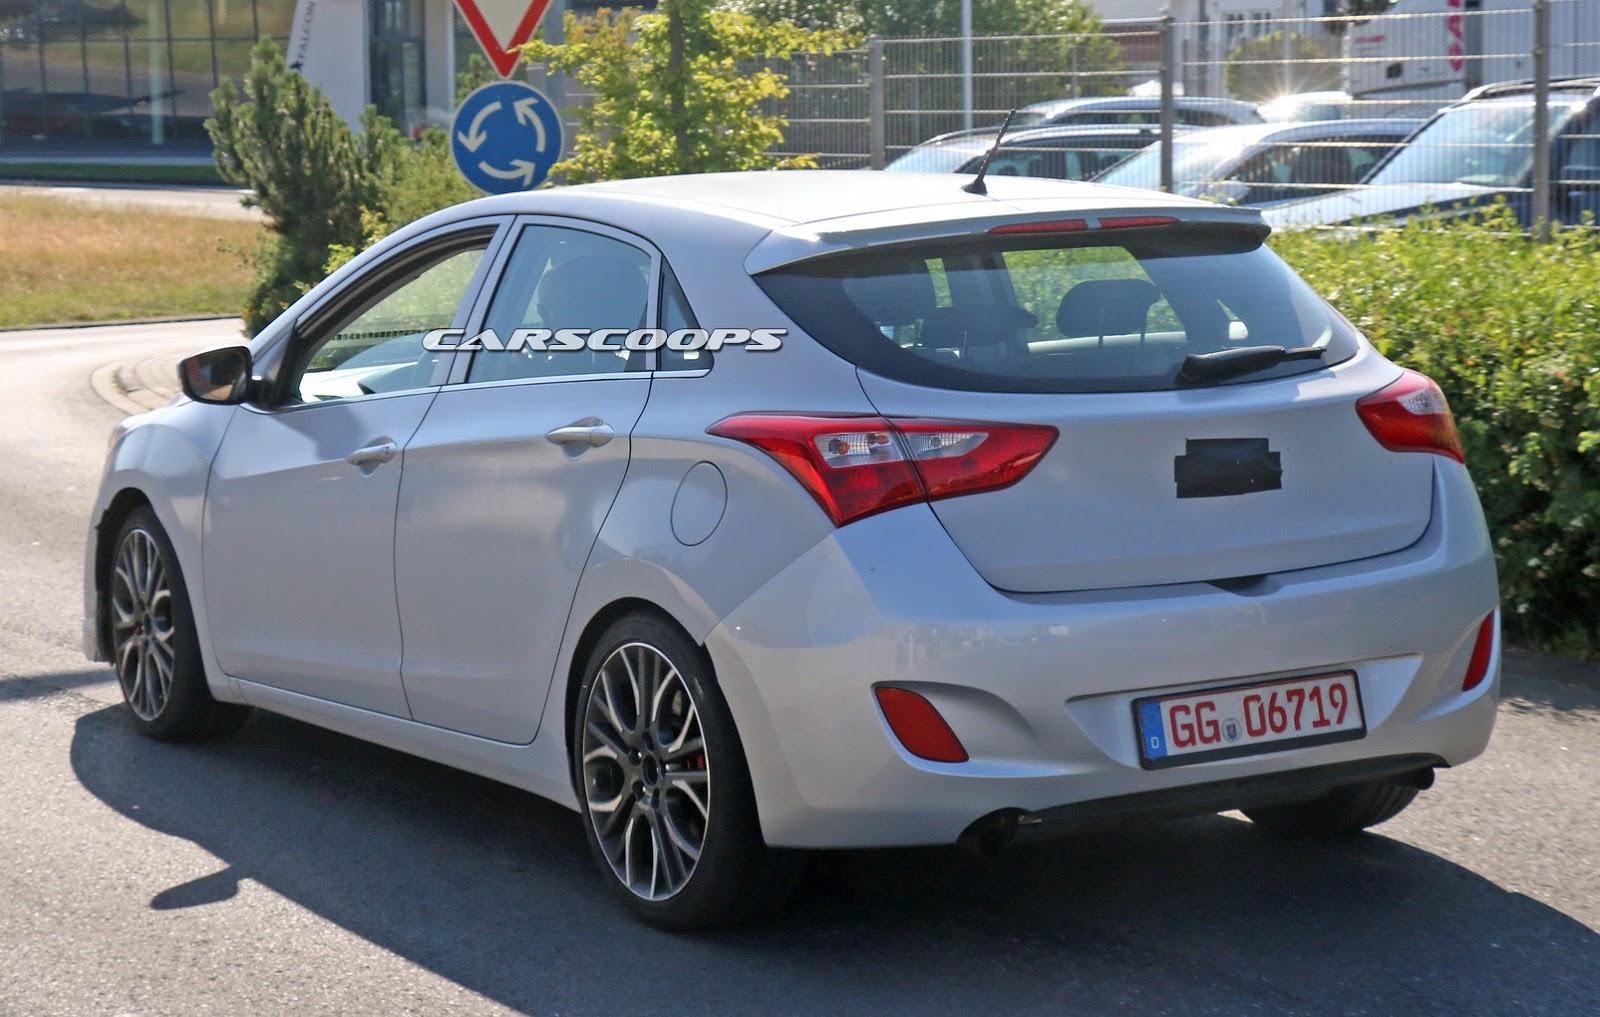 Leaked Hyundai i30 N Specs Reveal 271 HP GTIFighter